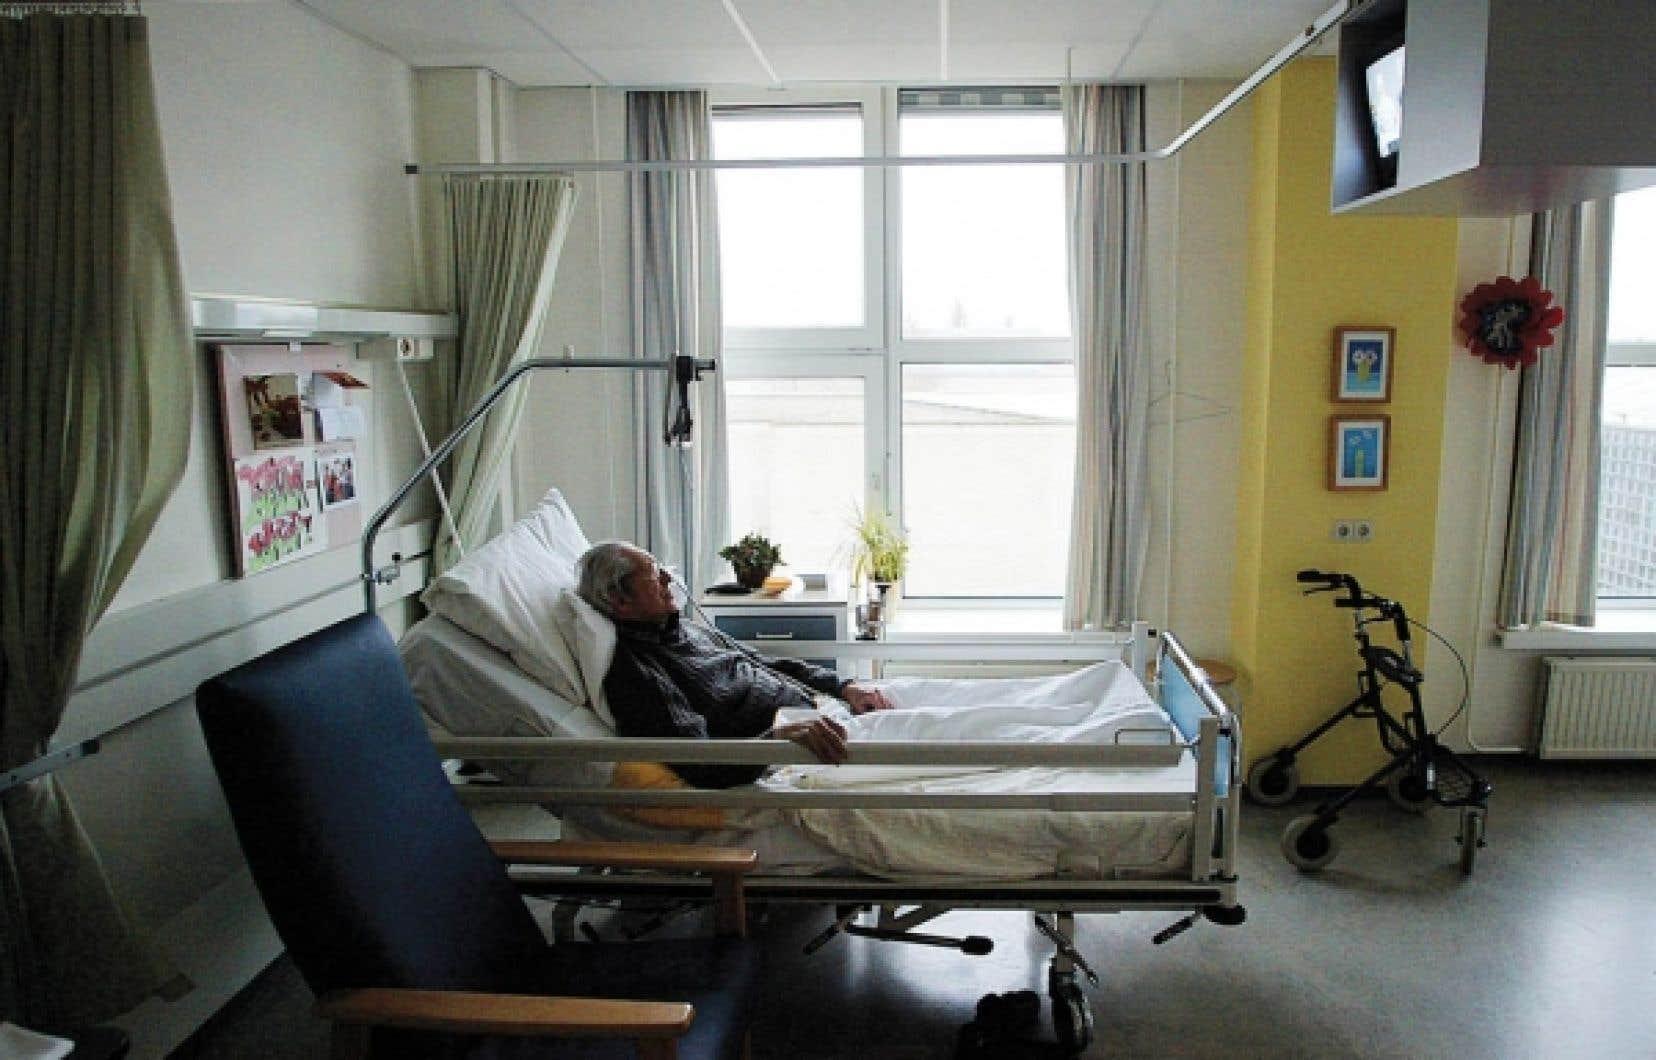 Enclines à diverses maladies chroniques, les personnes âgées ont besoin de soins, mais différents.